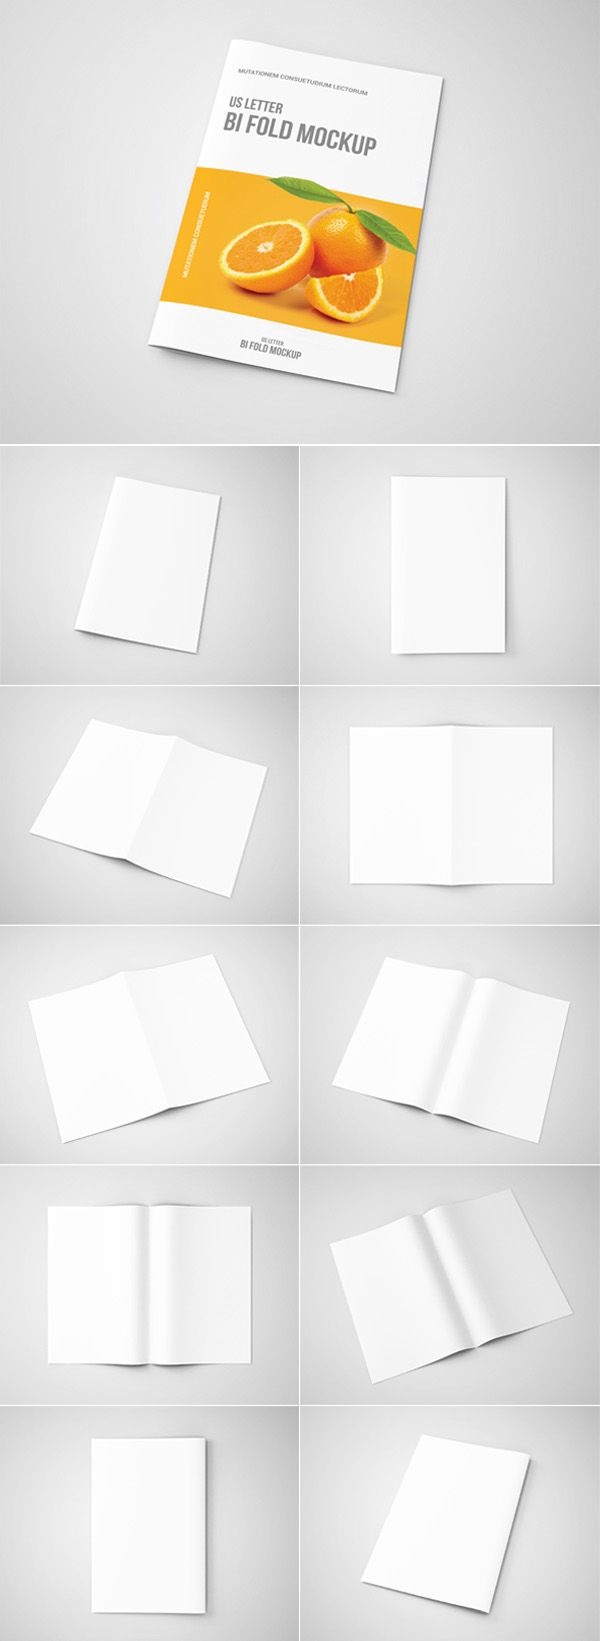 Bi-Fold Brochure Mock-Up - US Letter psd mockups, product mockups, presentation mockups, mockup templates